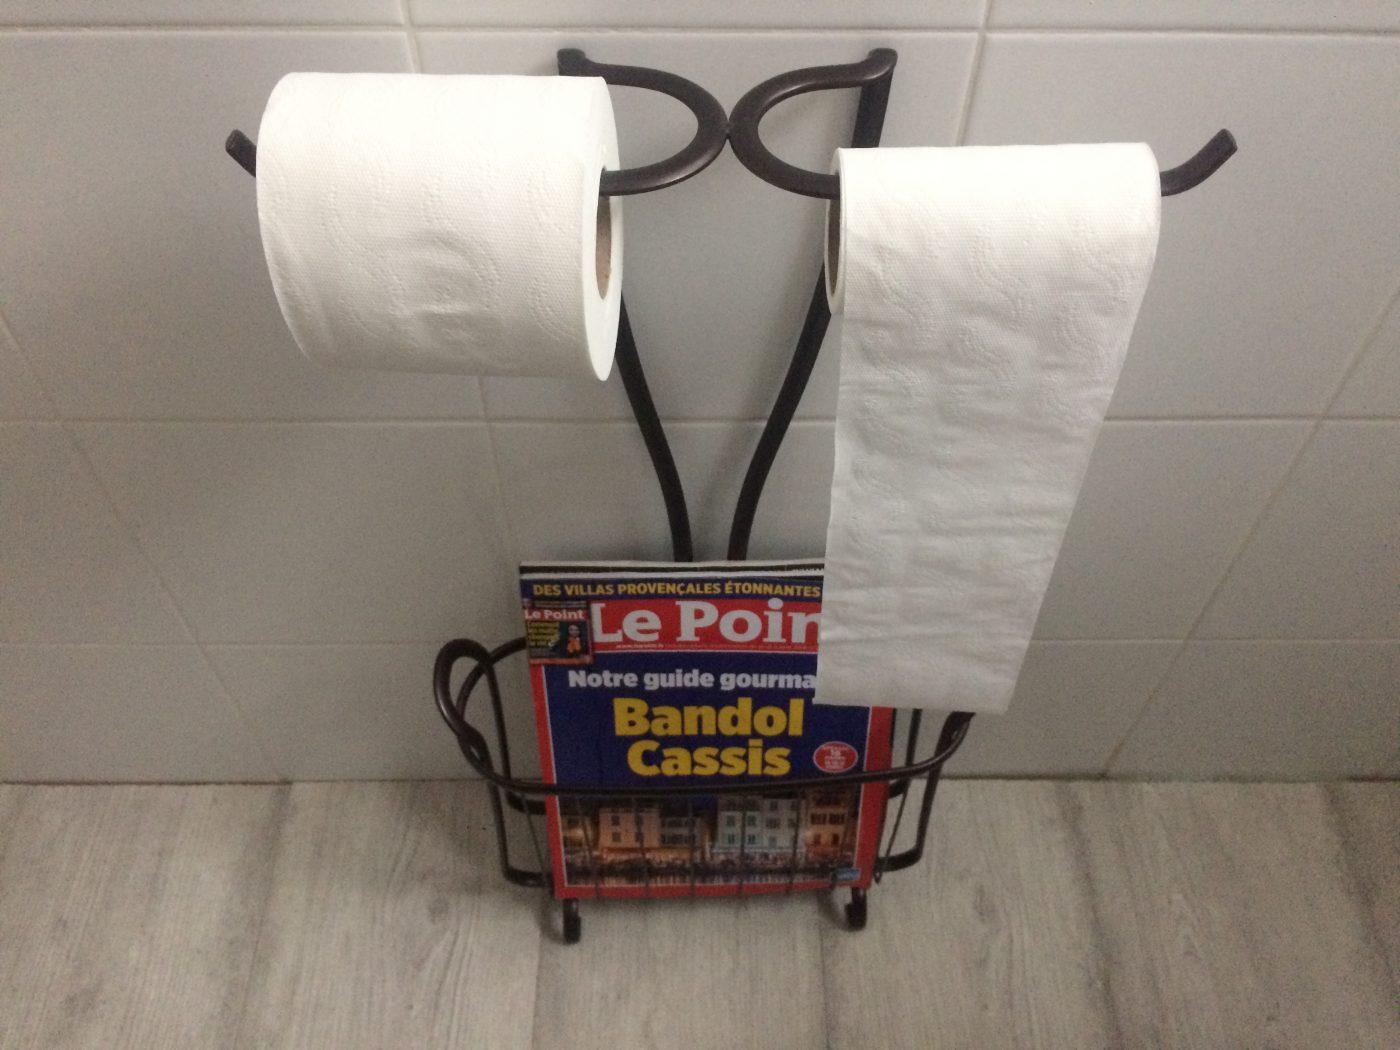 J'ai testé pour vous dérouleur double papier toilette